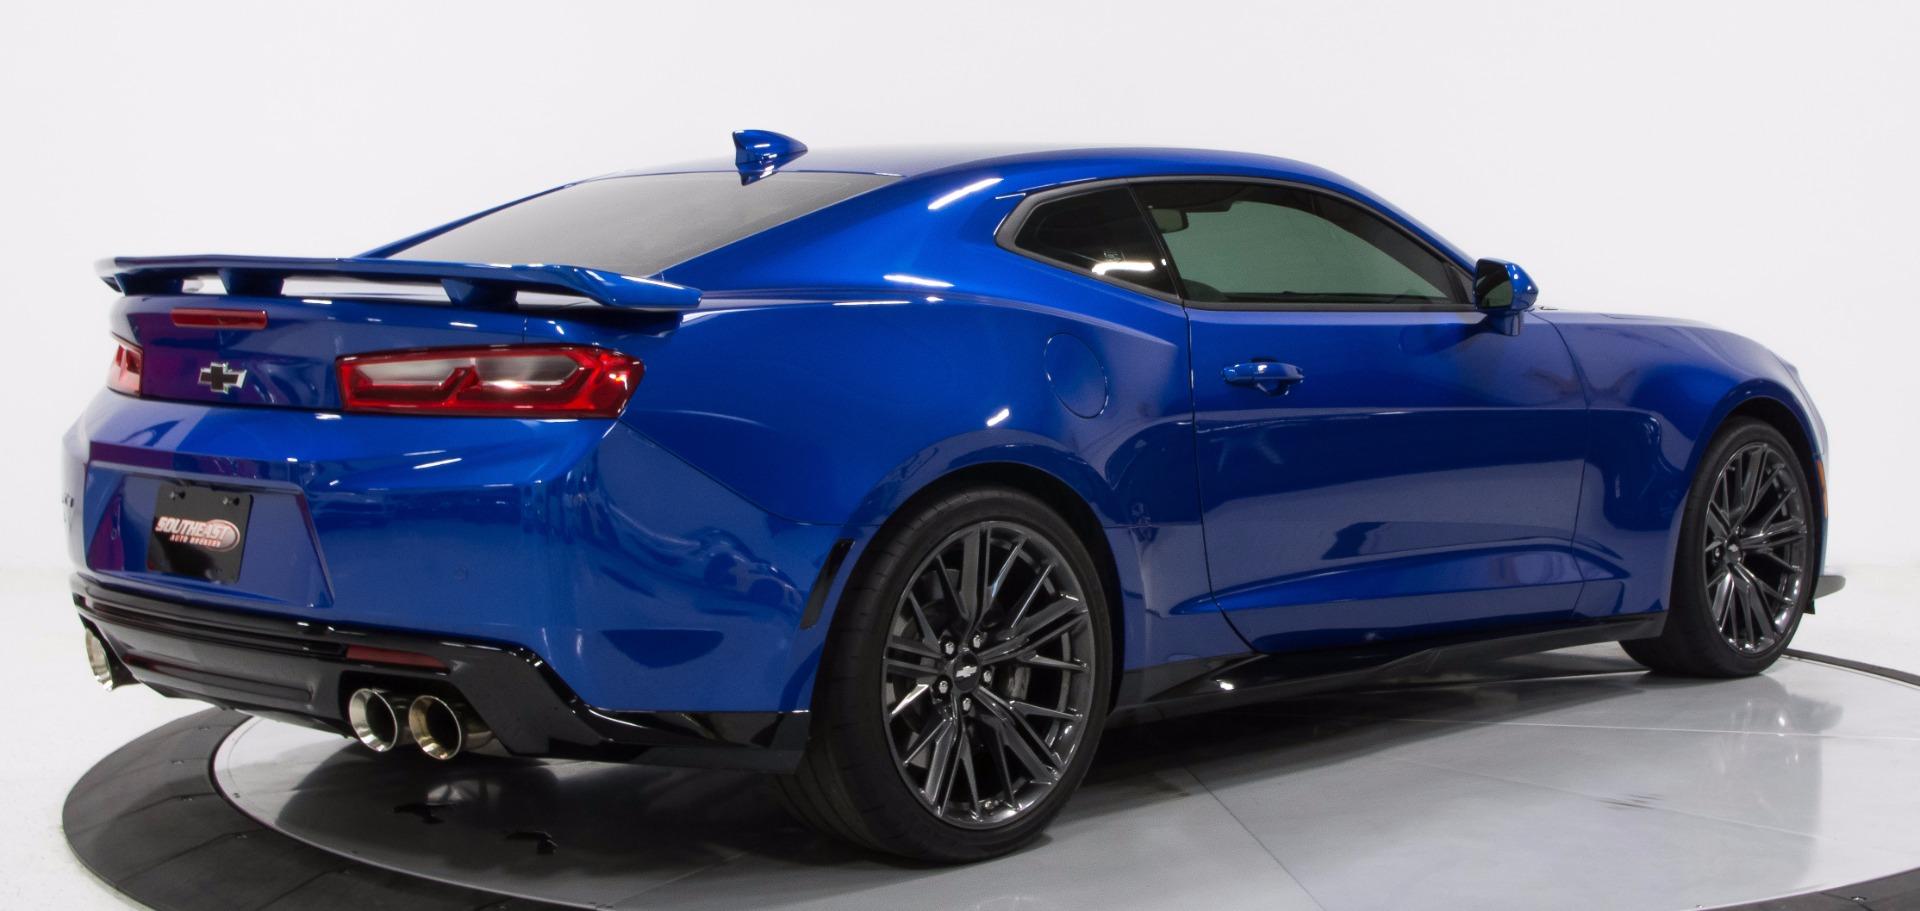 2017 Chevrolet Camaro Zl1 Stock 22517 For Sale Near